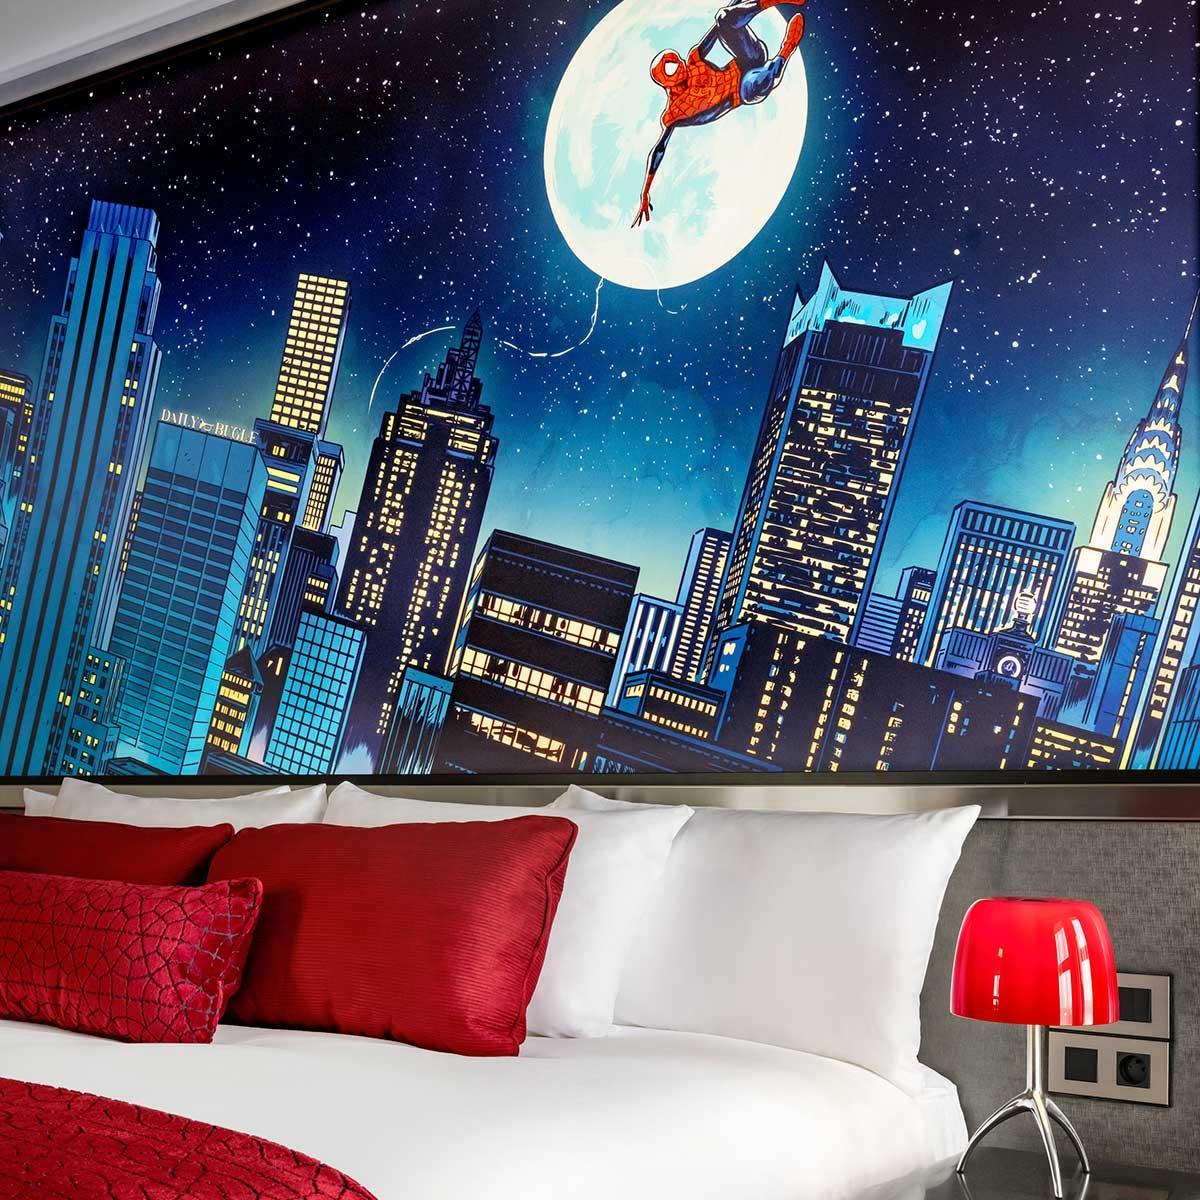 Club kamers en suites en een club lounge in de stijl van Tony Stark